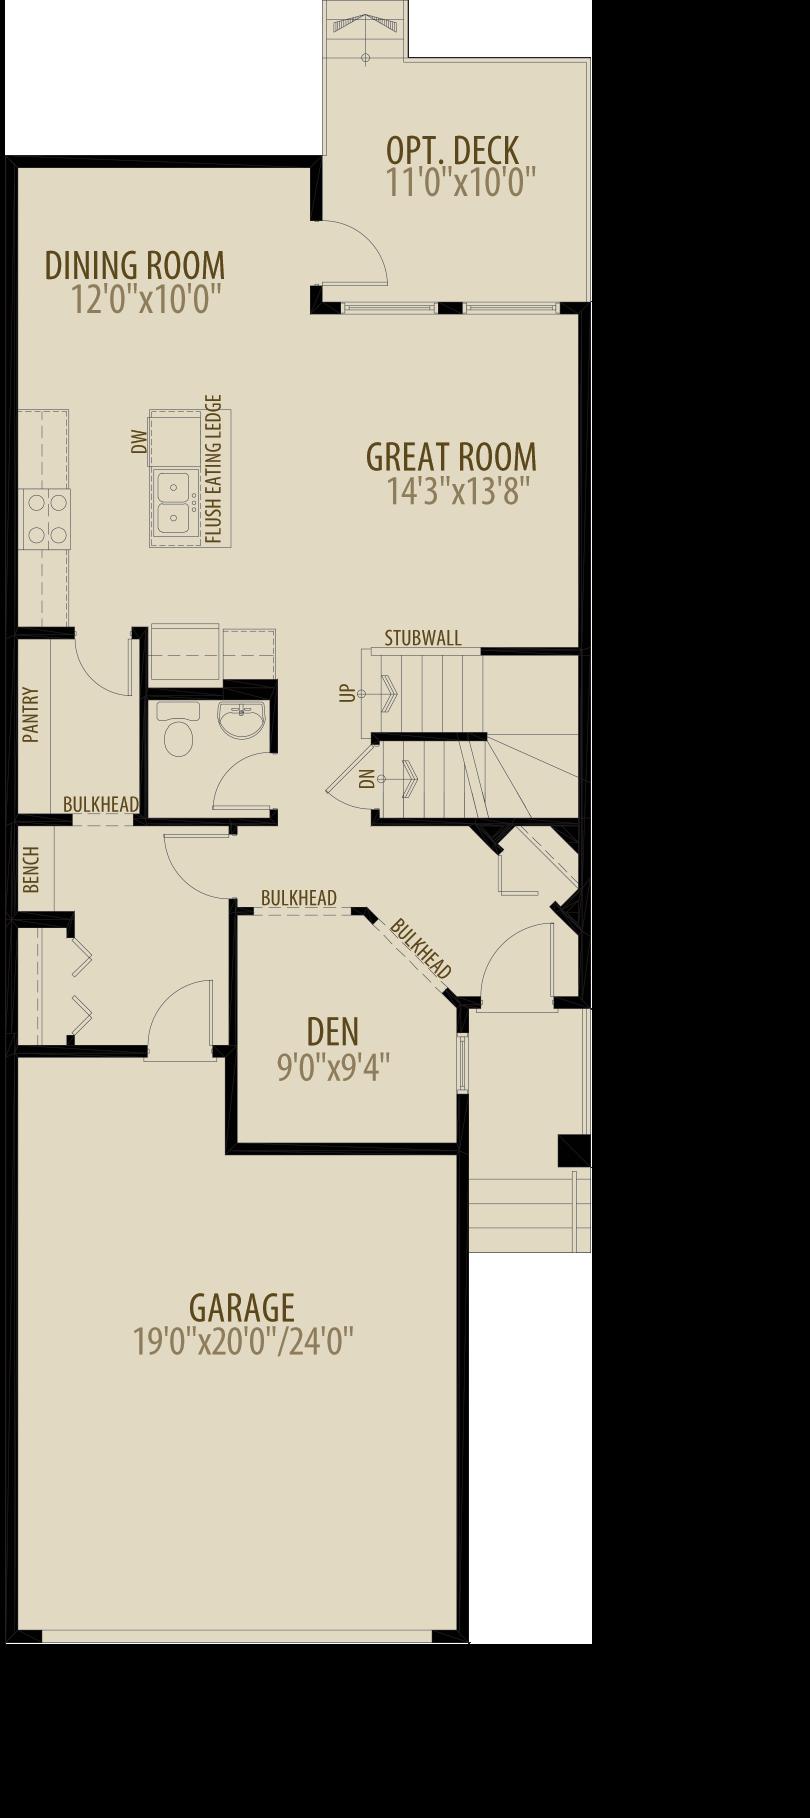 Main Floor Den Adds 40 sq ft